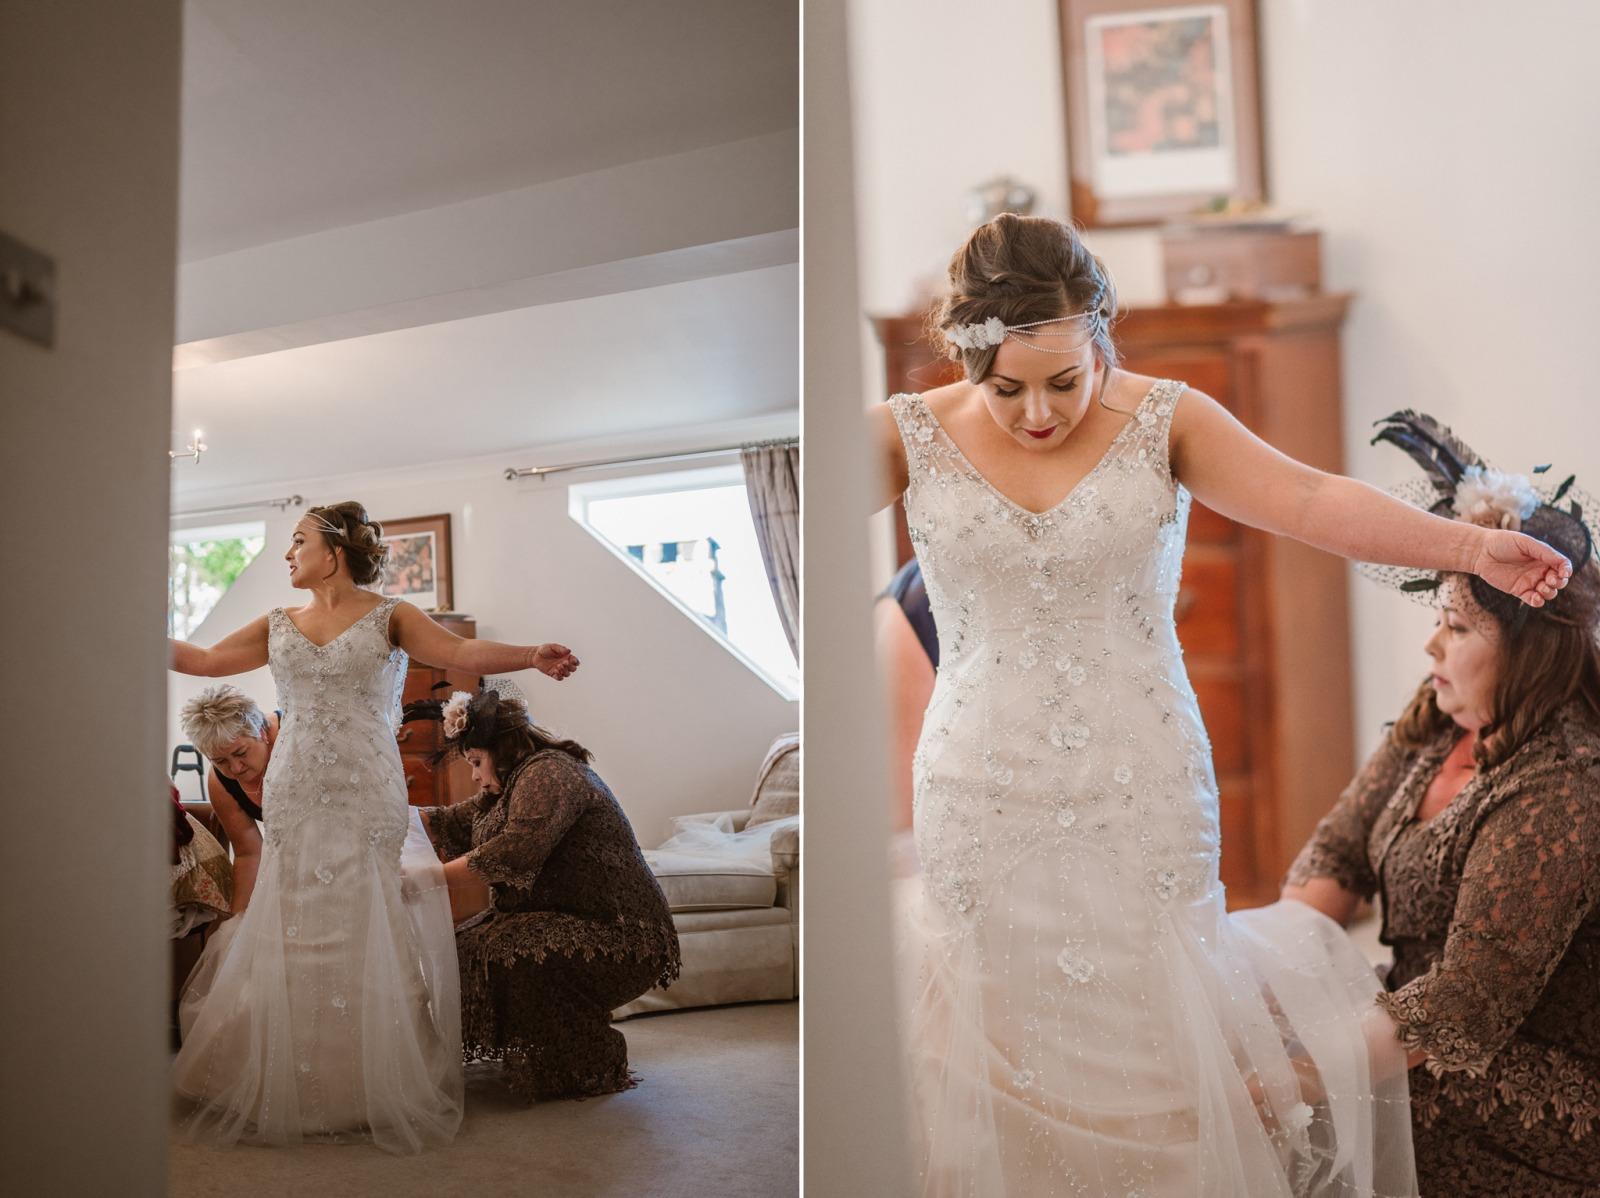 highward-house-wedding-152-of-578